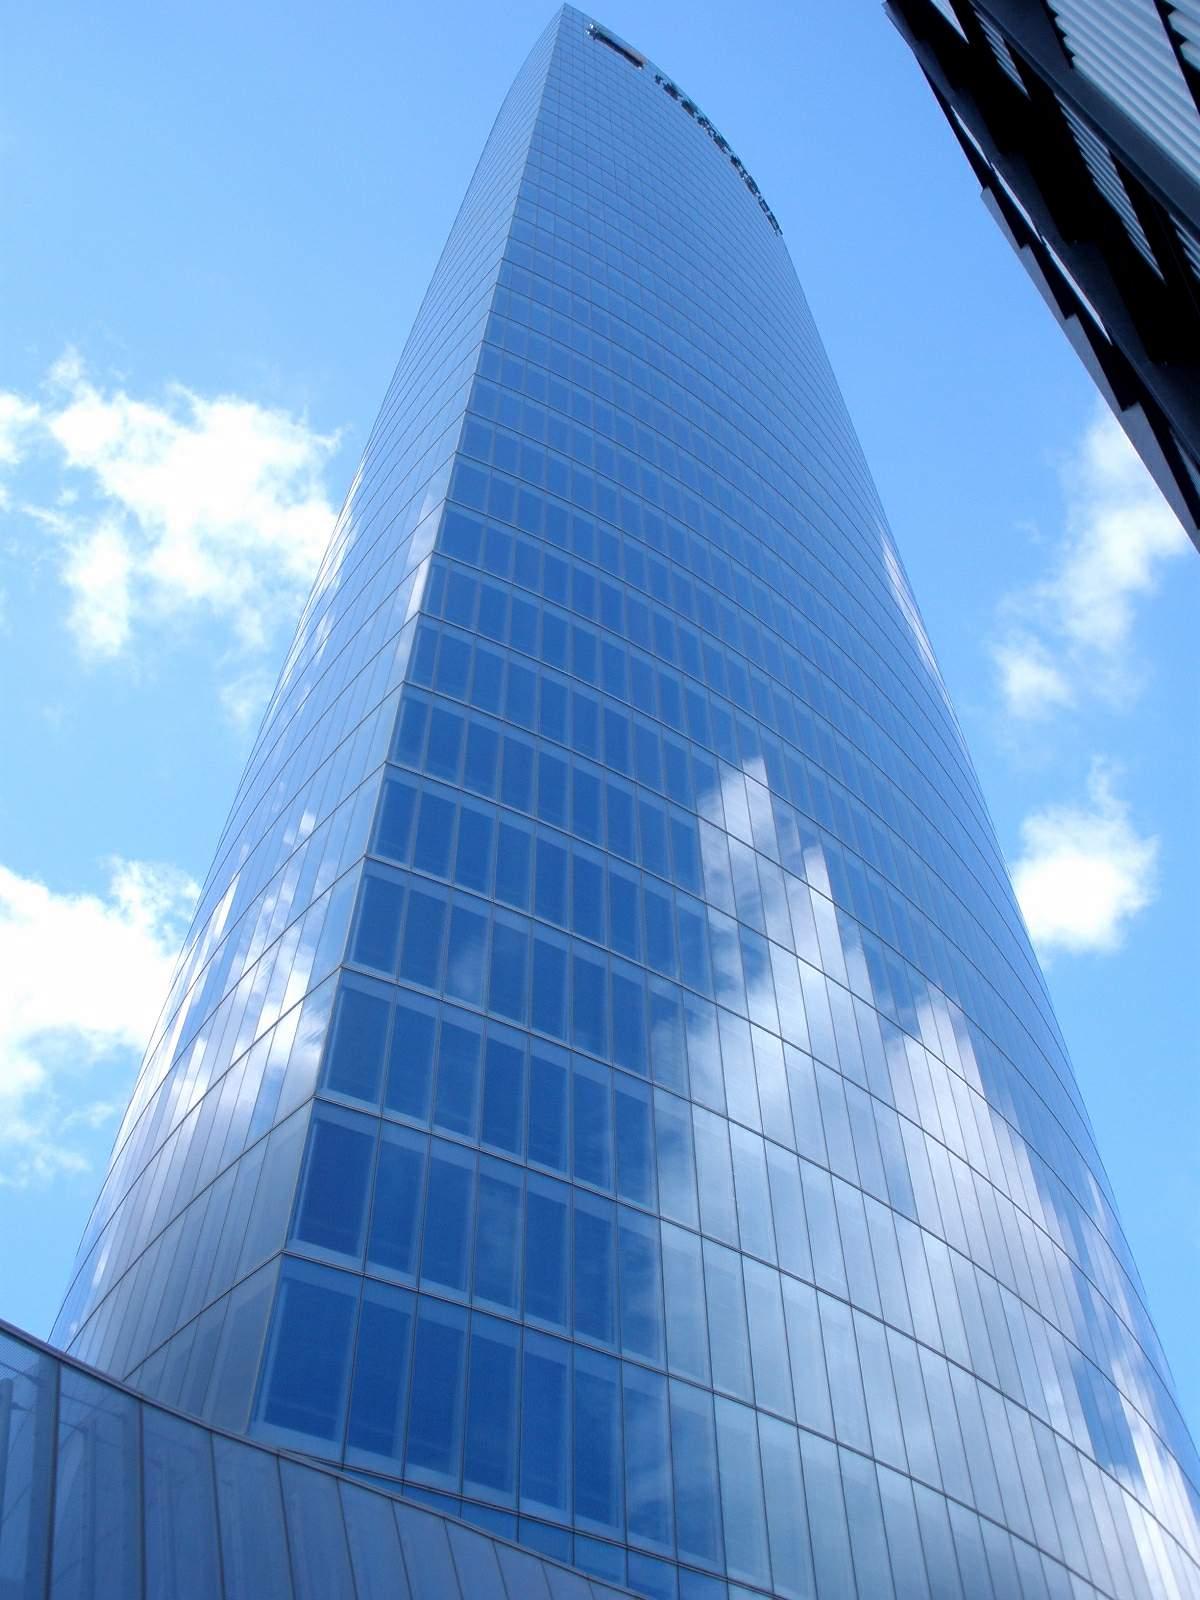 Iberdrola Tower Wikipedia